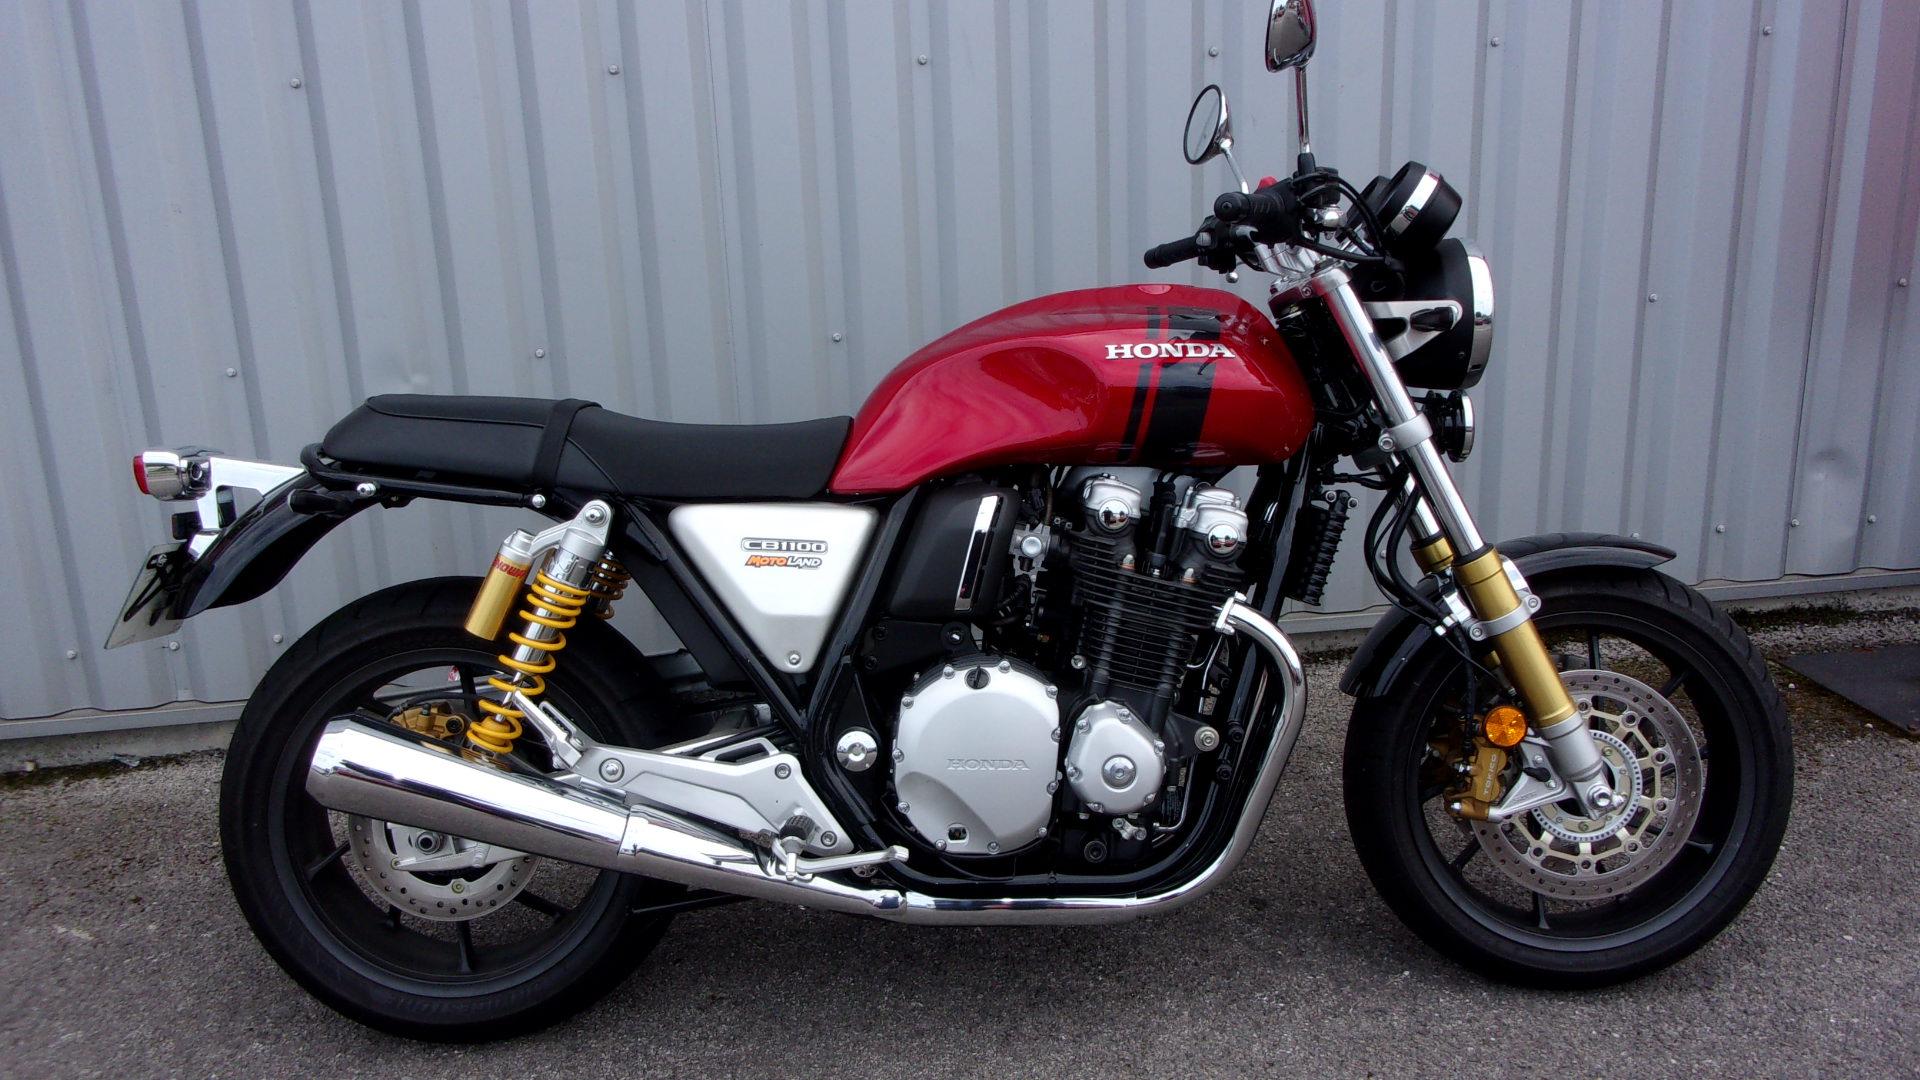 Moto honda 1100 ex occasion